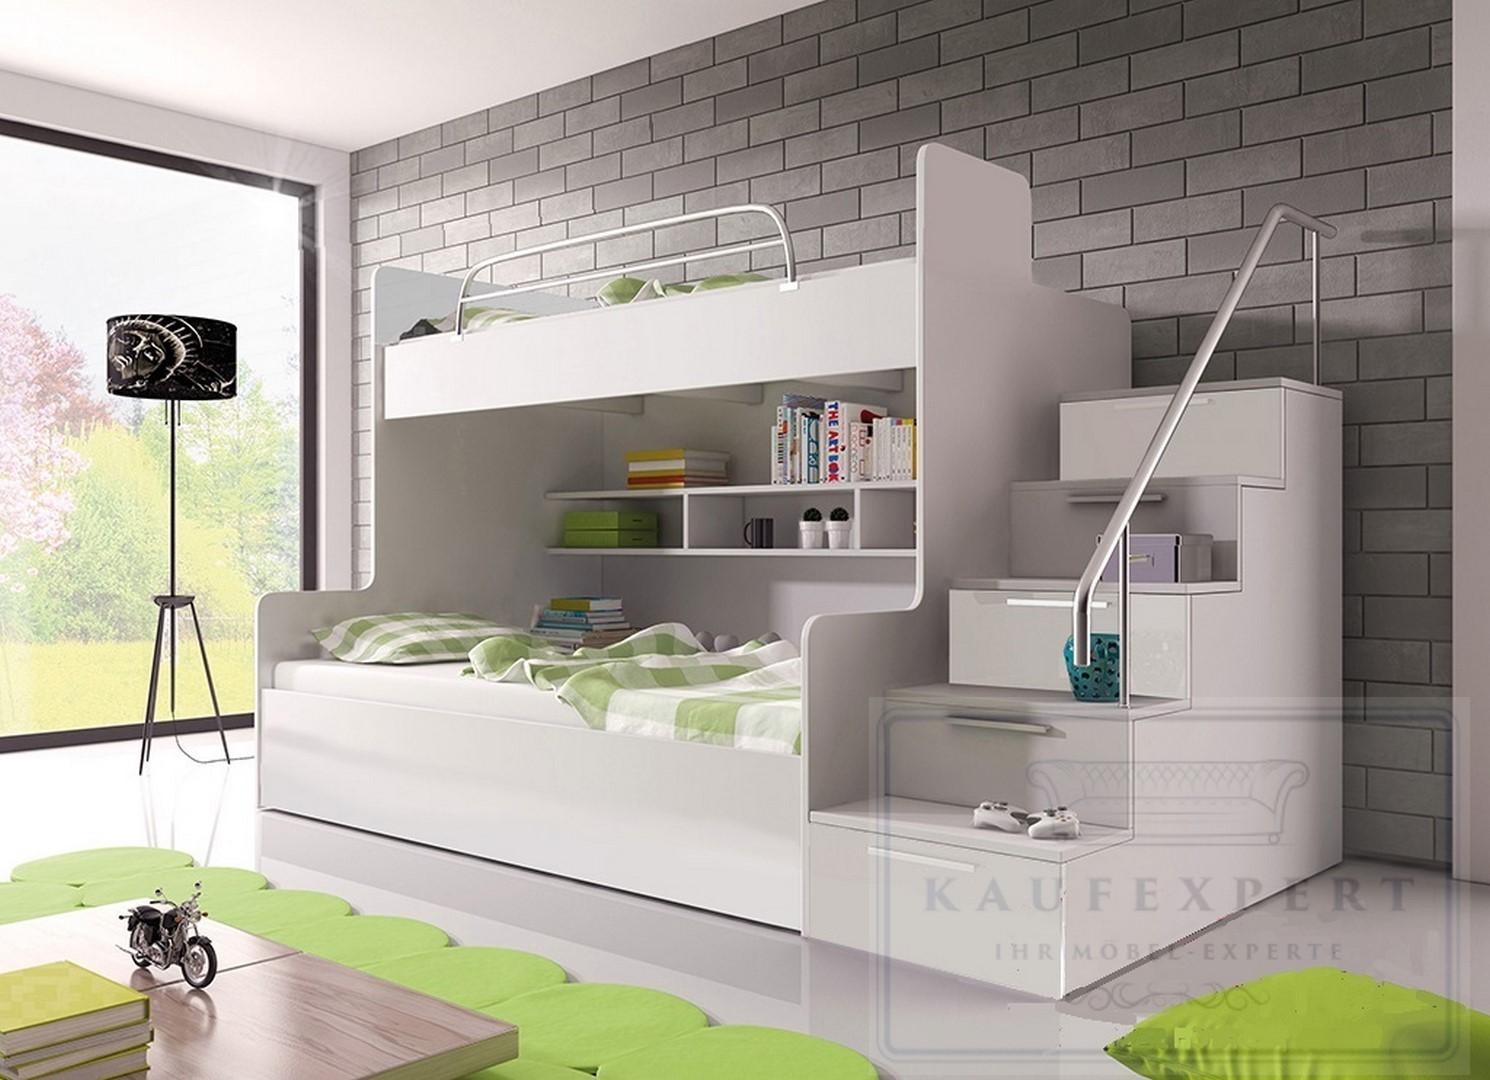 Doppelstockbett uvp 899 stabil etagenbett hochglanz - Doppelstockbett mit treppe ...